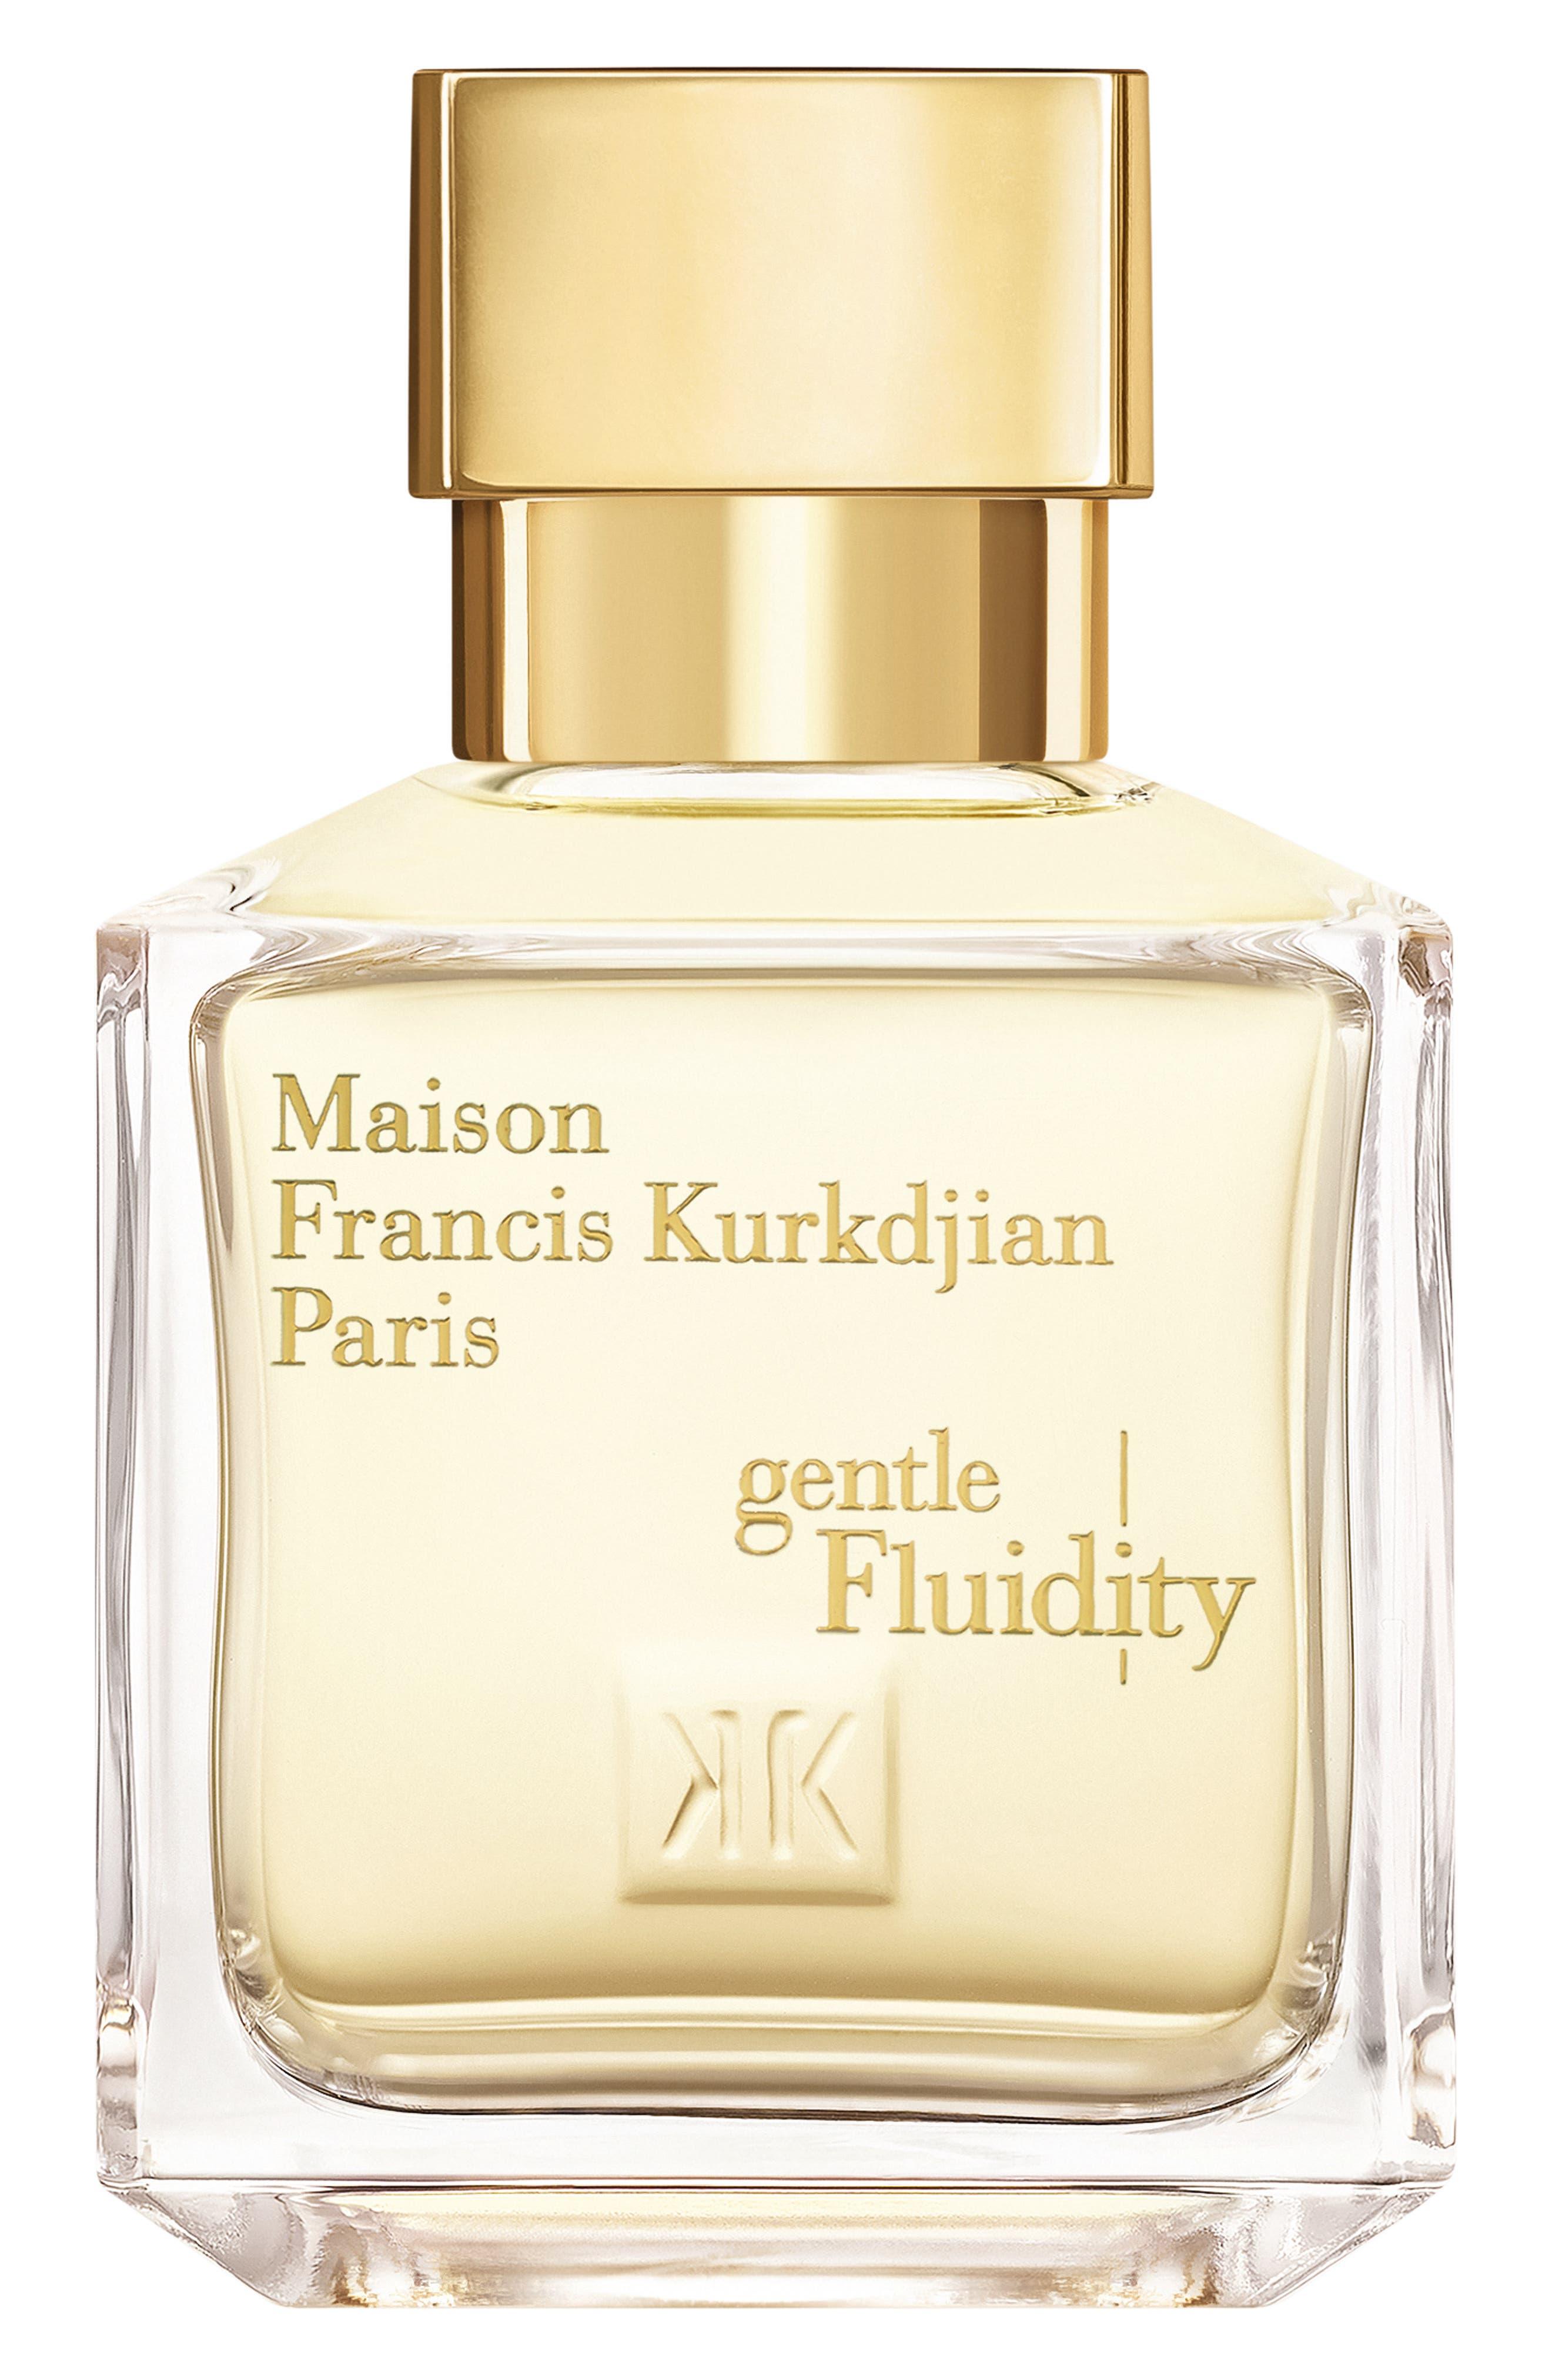 Paris Gentle Fluidity Gold Eau De Parfum